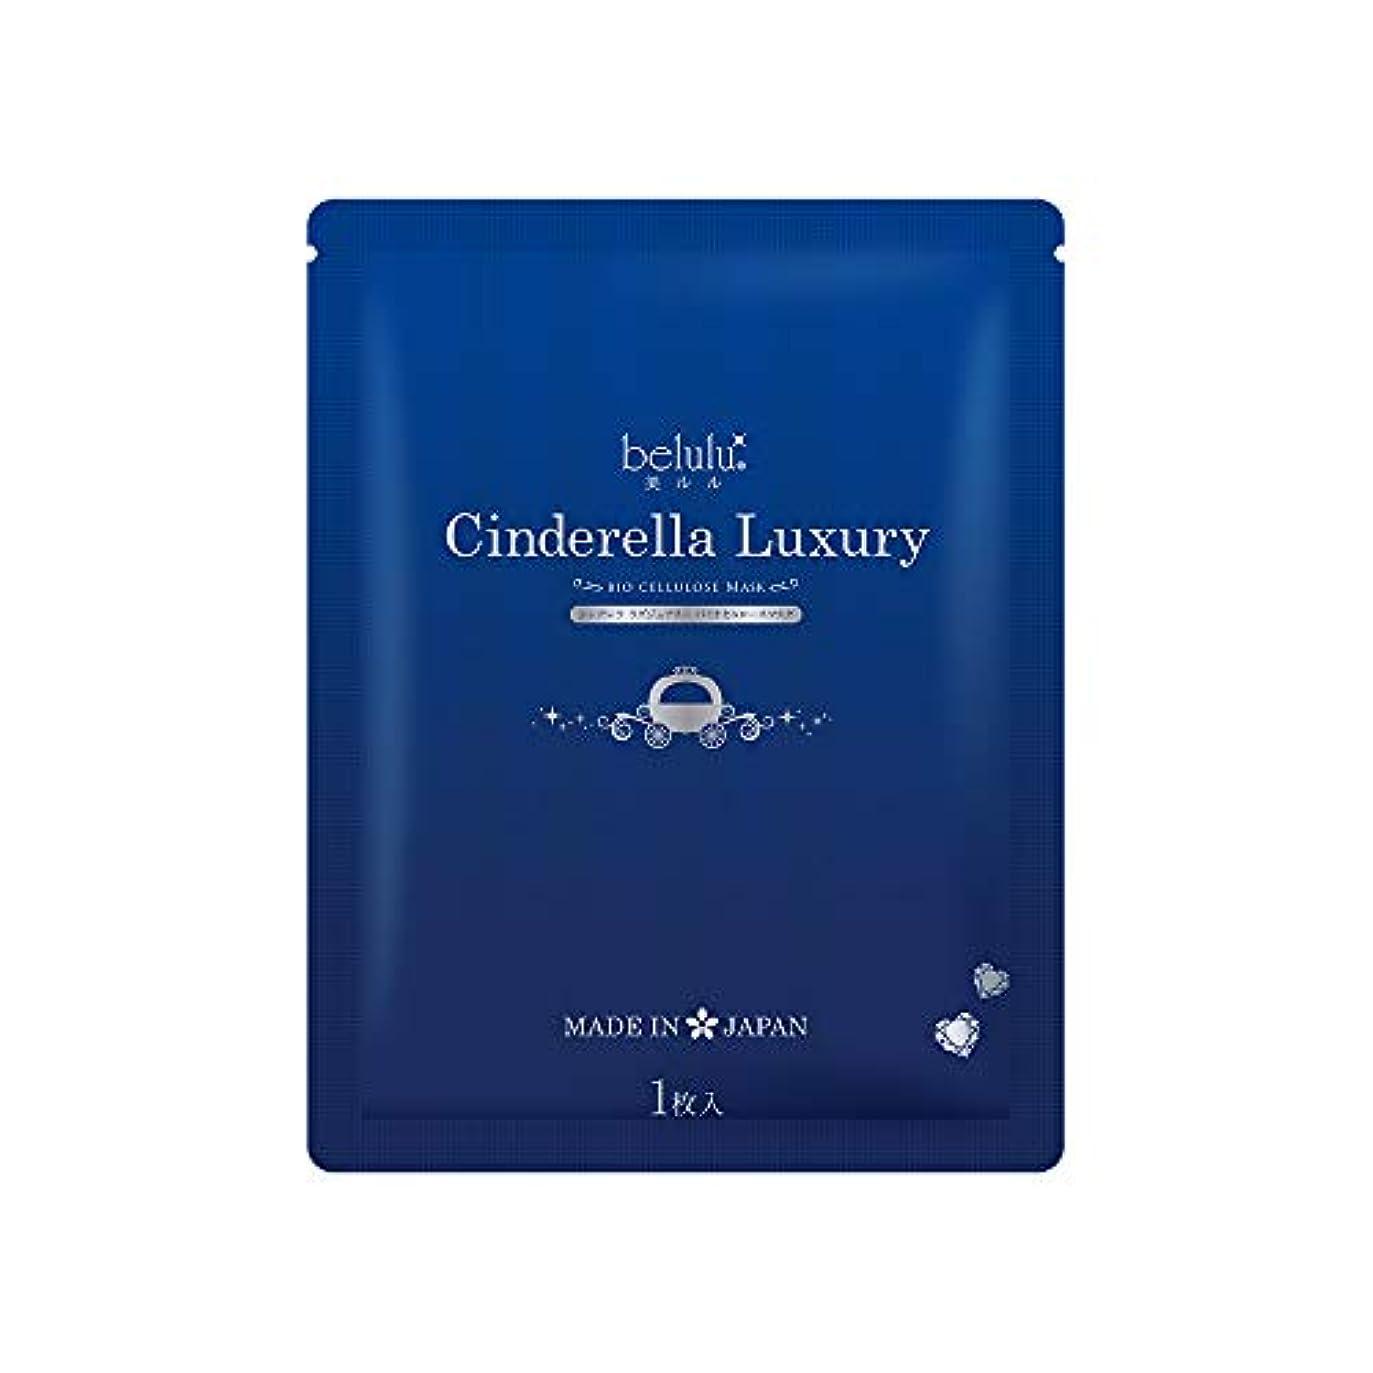 ミット昆虫を見るダウンタウンフェイスマスク 美ルル シンデレラ ラグジュアリー パック 美白 保湿 美肌 日本製 belulu Cinderella Luxury